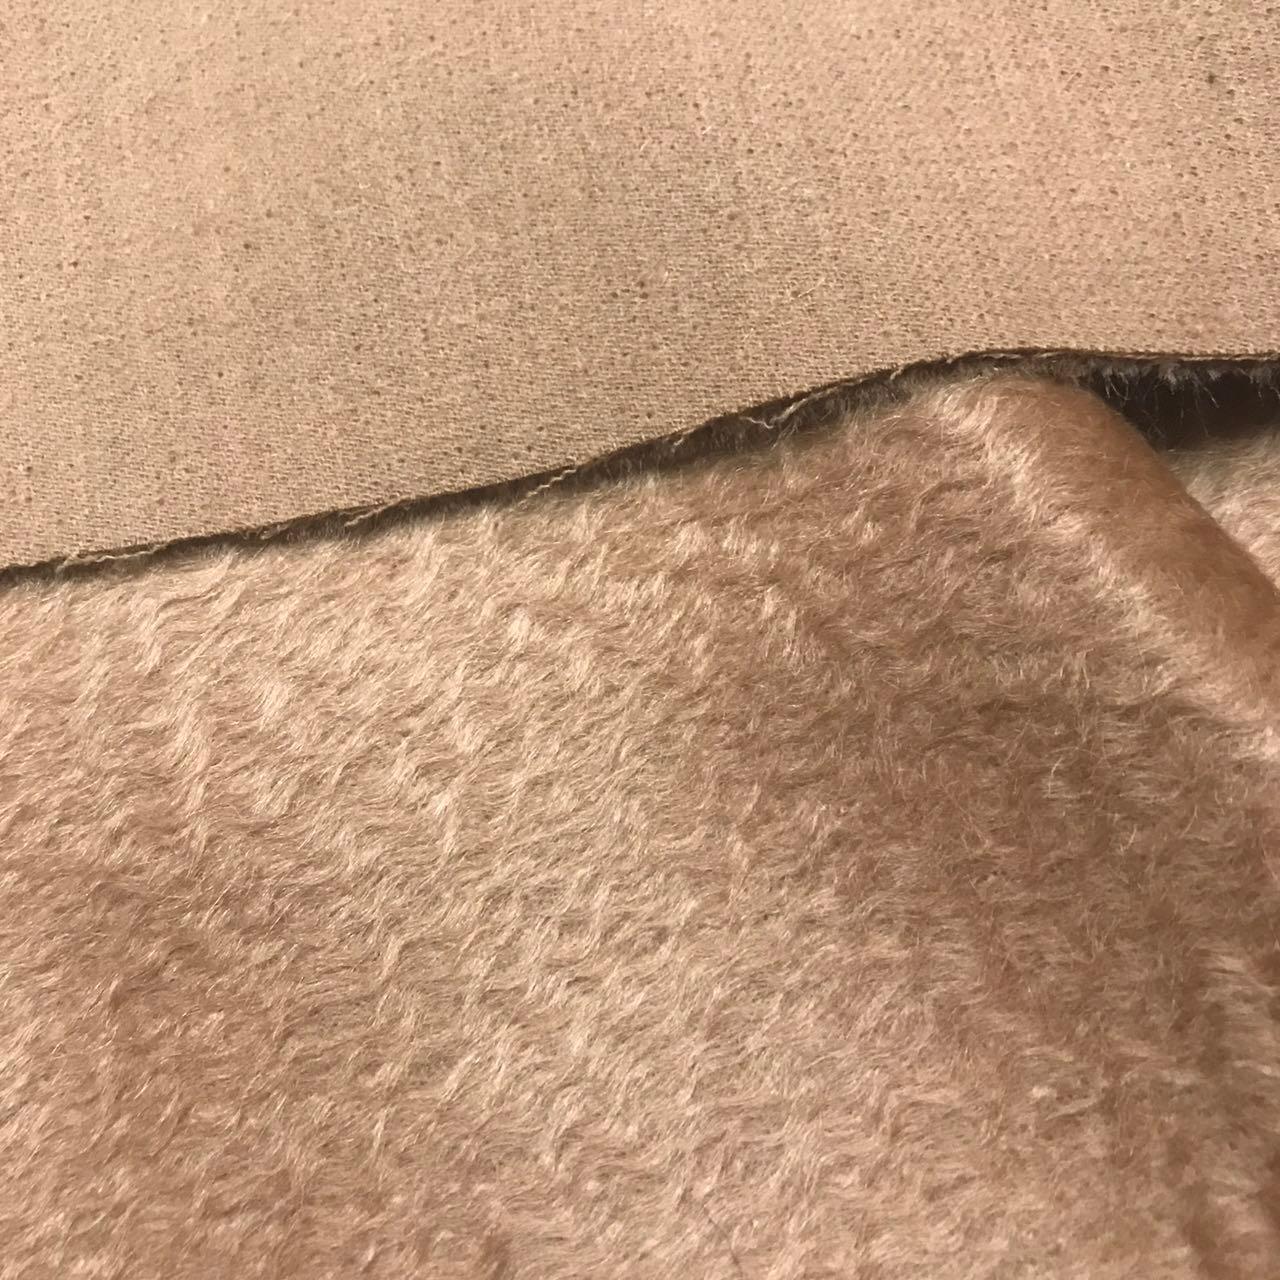 大きいブランドの駱駝色の長毛水の波紋の両面に厚くて高級なカシミヤのコートの布地の毛に沿ってきめ細かいファッションの布地を整えます。